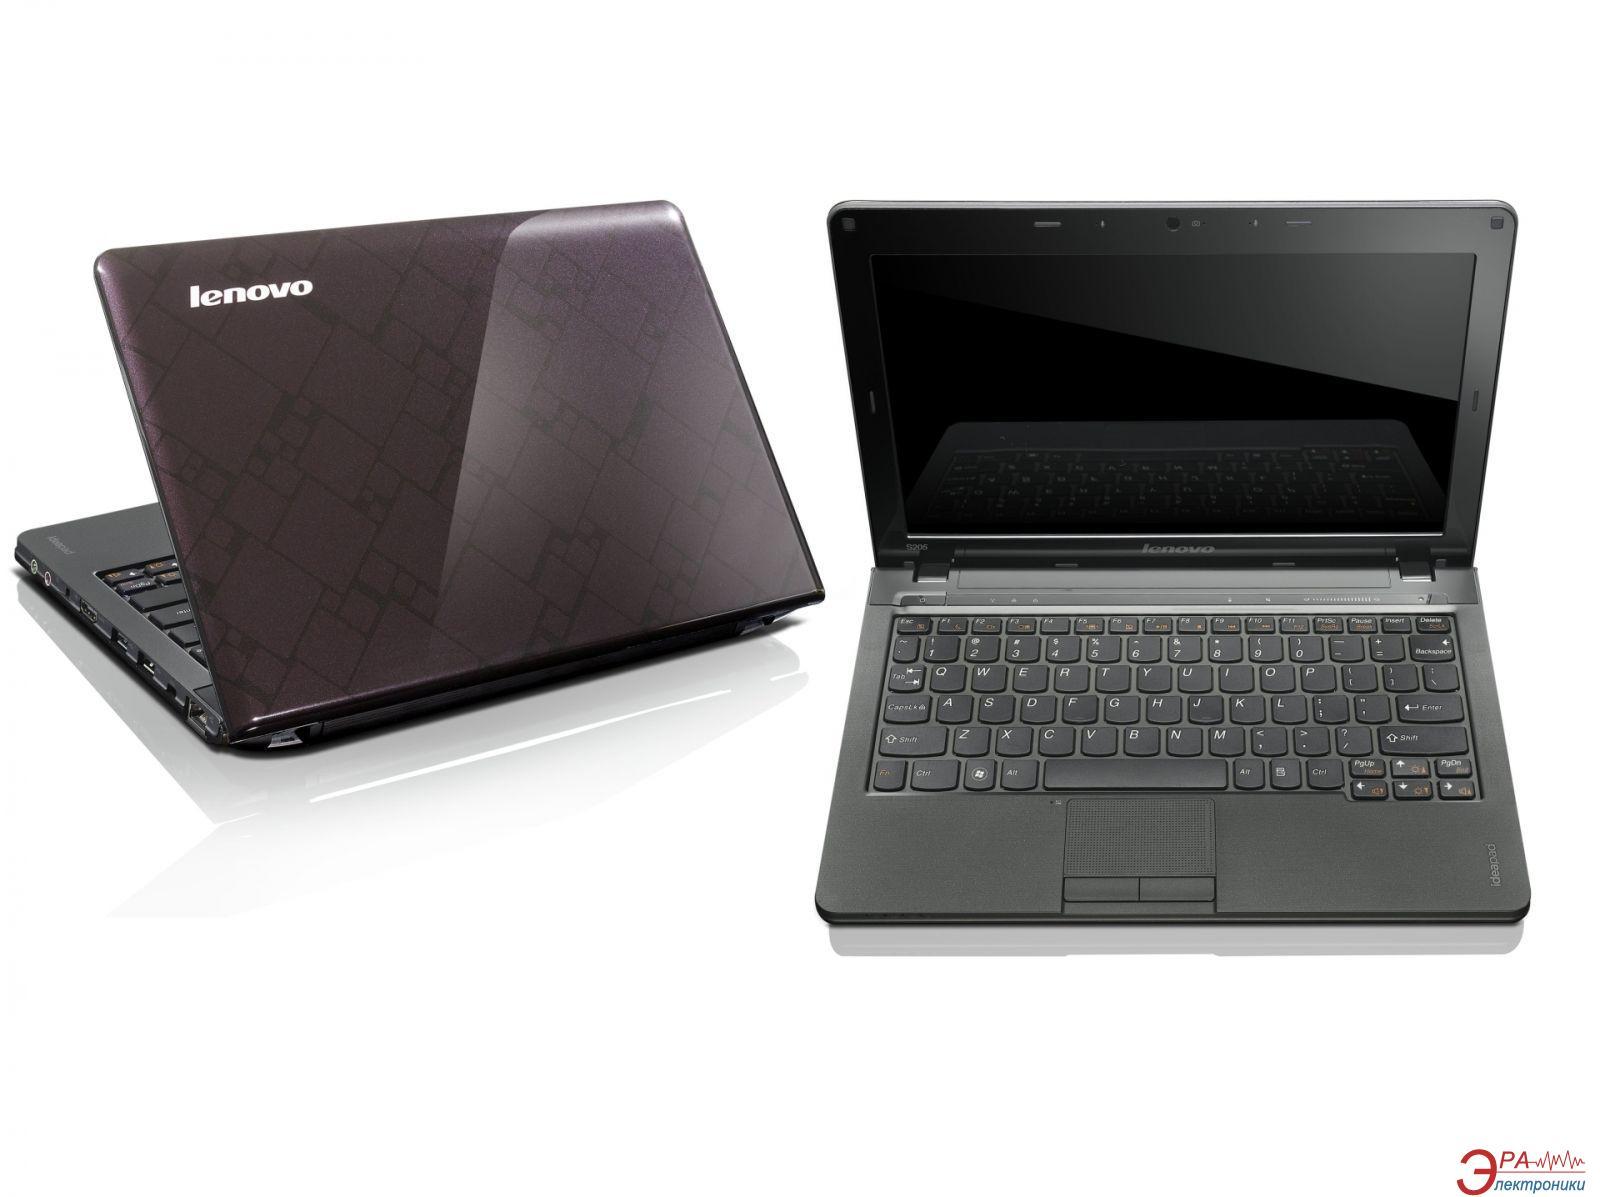 Нетбук Lenovo IdeaPad S205-E3-1 (59-070824) Violet 11.6